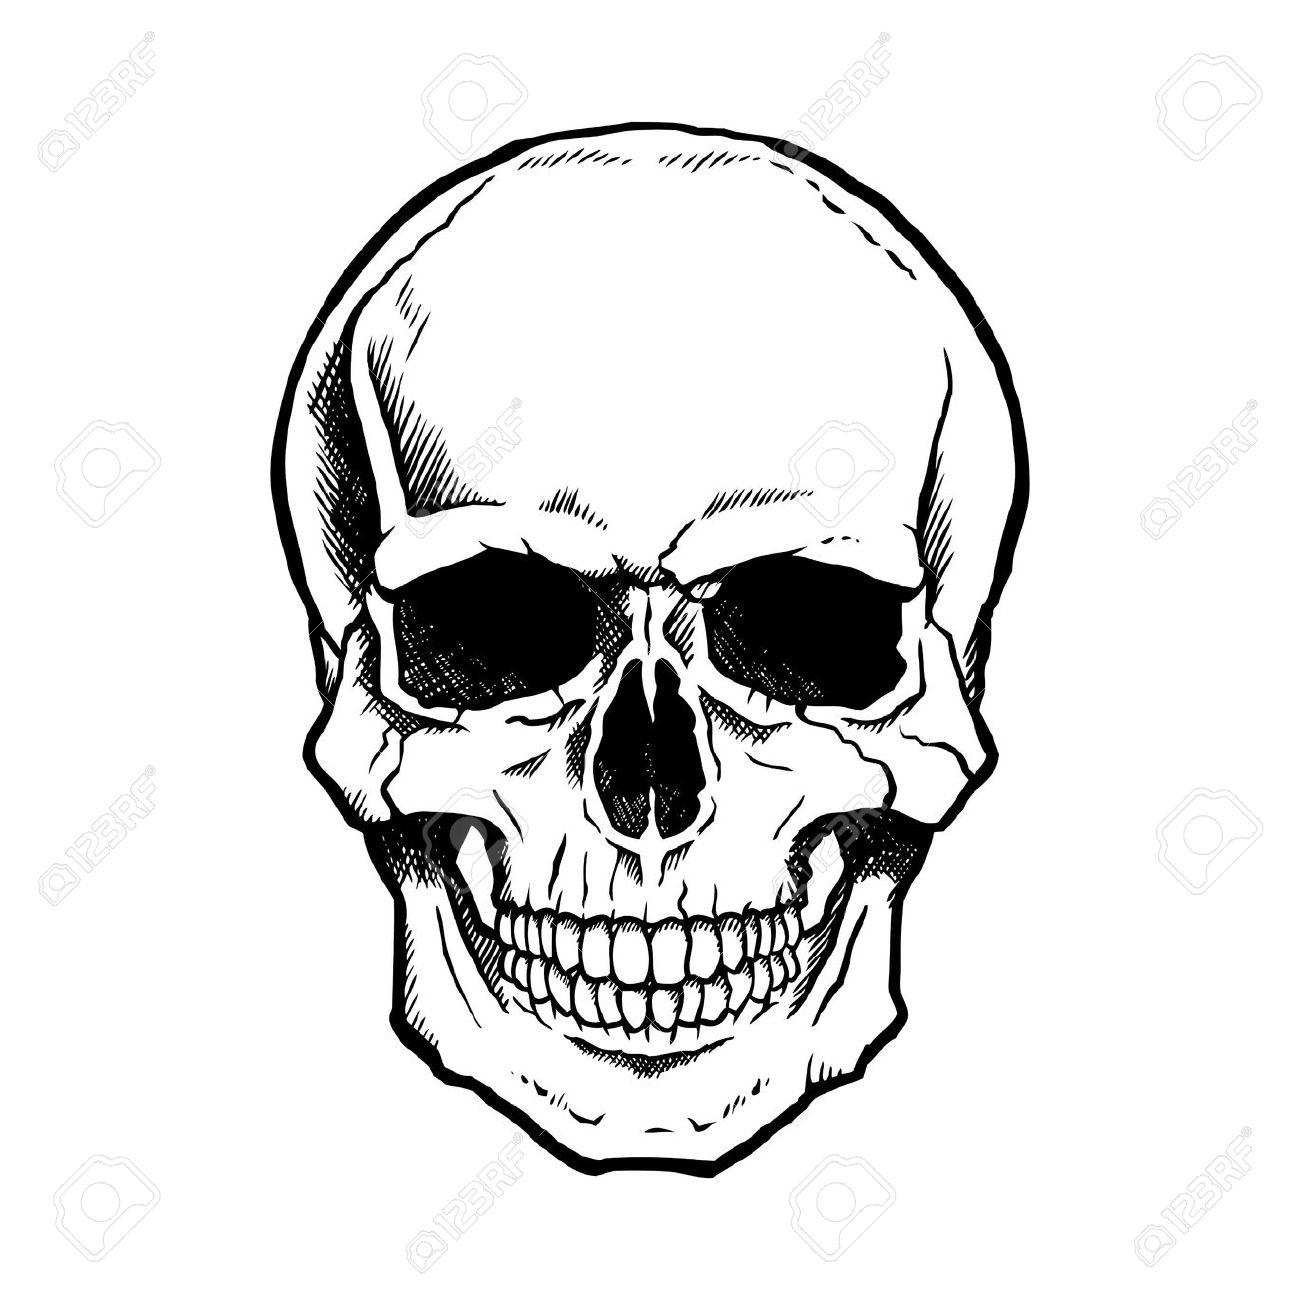 1300x1300 Skeleton Head Drawing